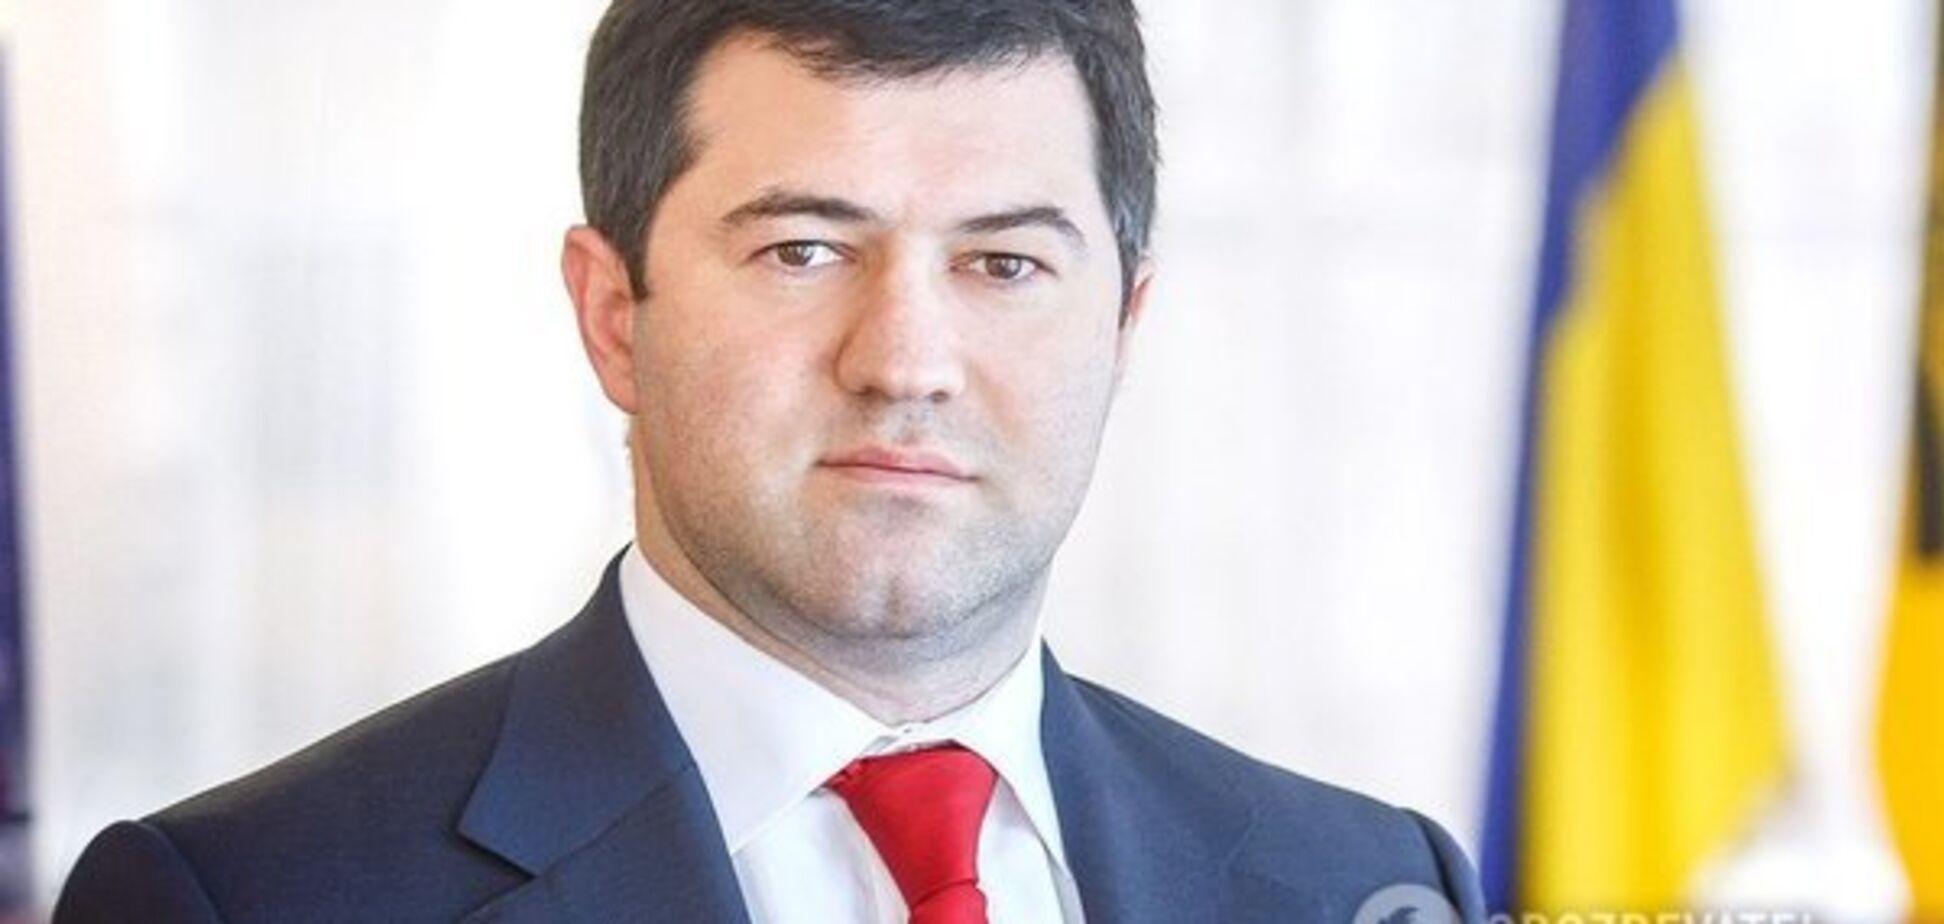 Якщо Кабмін не поновить Насірова на посаді – він порушить Конституцію